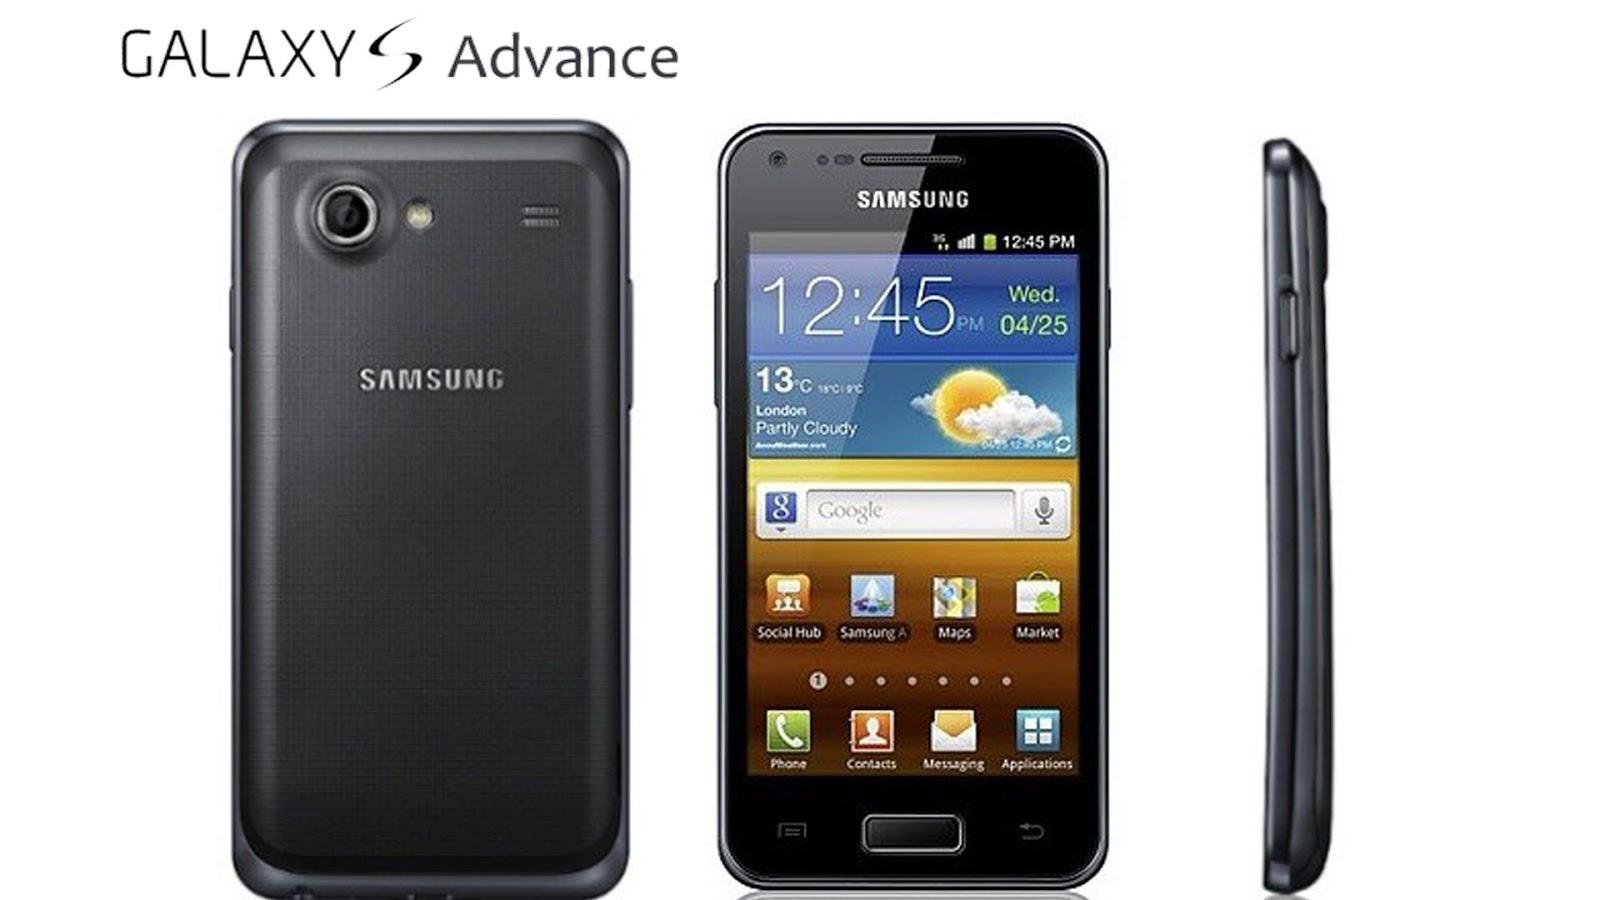 http://2.bp.blogspot.com/-2oajPeX-sbU/ULYdDR48qpI/AAAAAAAAAIg/ZR_3qL8Xq5M/s1600/Samsung-Galaxy-S-Advance-Slim-wallpaper.jpg